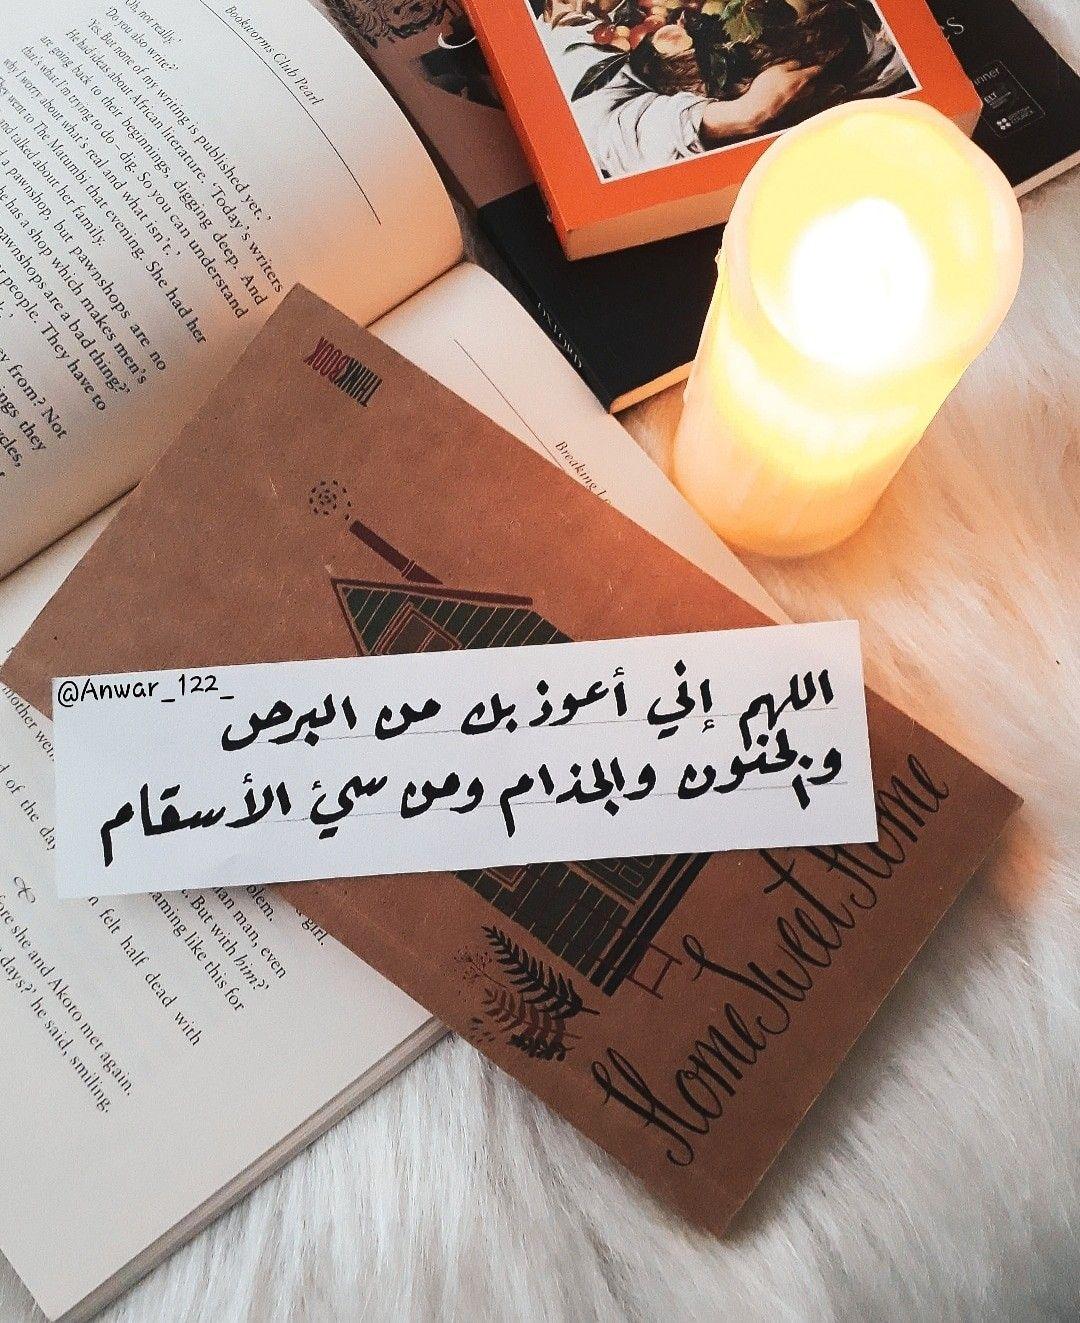 اللهم أني أعوذ بك من البرص والجنون والجذام ومن سيء الأسقام دعاء الرسول كورونا Poet Quotes Qoutes Words